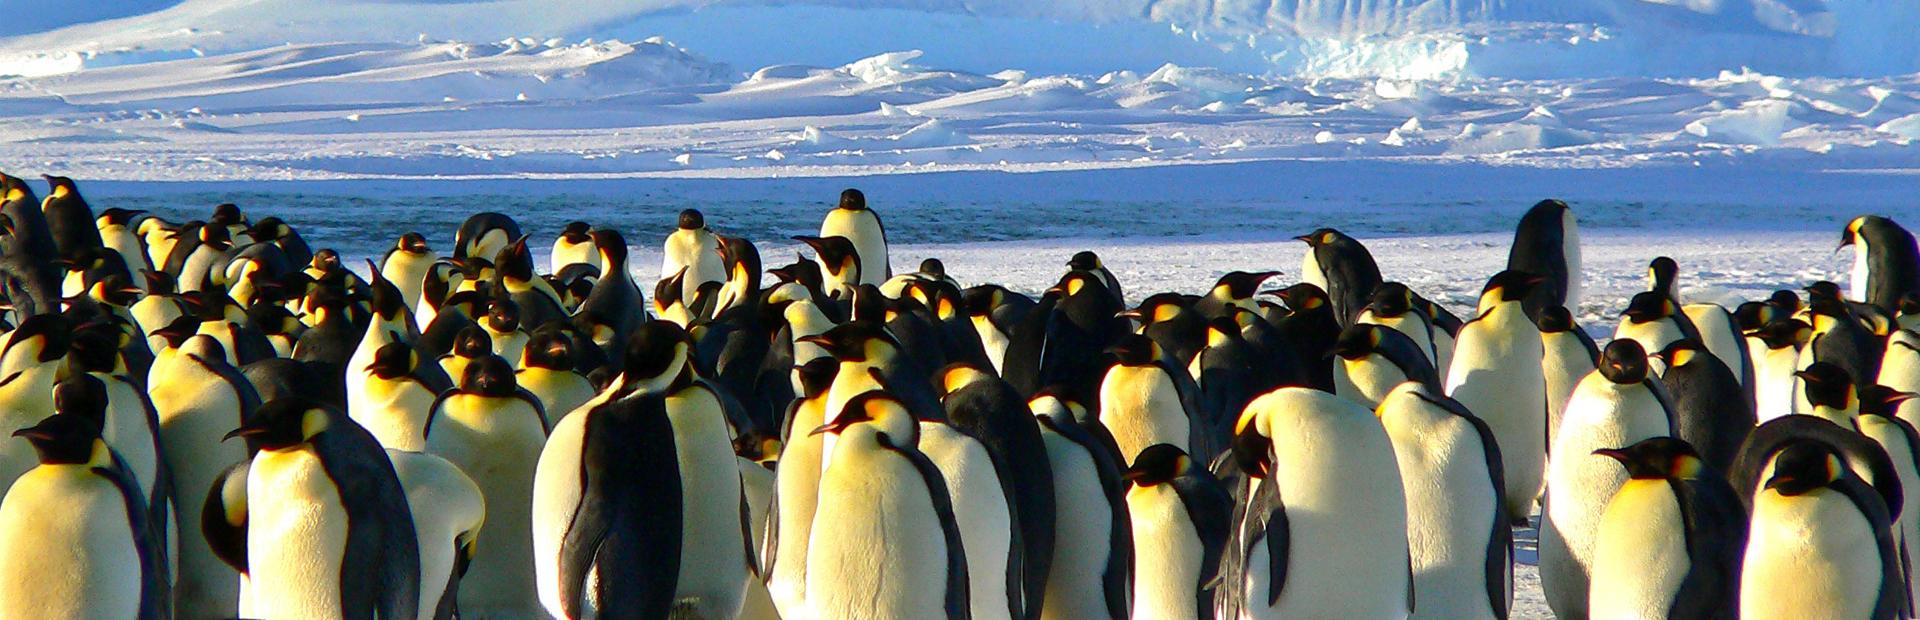 emperor-penguins-429127PX copy